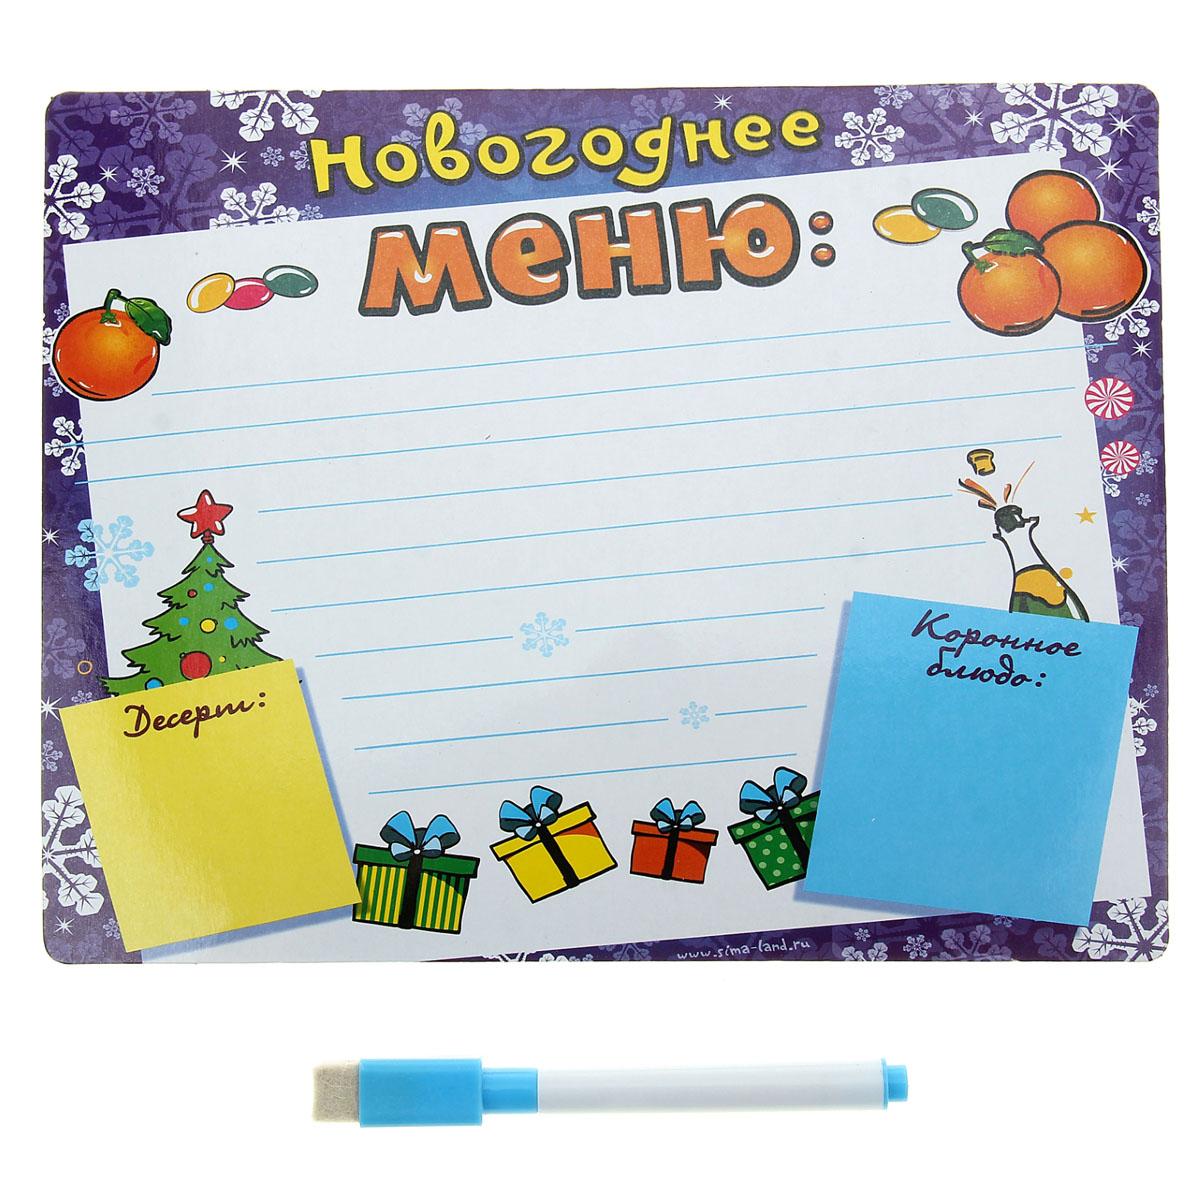 Магнитная доска для записей Новогоднее меню, с маркером, 22 см х 17 см97775318Оригинальная магнитная доска Новогоднее меню выполнена из плотного картона. Имеется поле для записей, где можно записывать важную информацию, напоминания, рецепты или, к примеру, оставлять пожелания для членов семьи. Обратная сторона снабжена двумя магнитами, благодаря чему доску можно легко прикрепить к холодильнику. К доске прилагается черный маркер-магнит для созданий записей, колпачок которого оснащен войлочным наконечником для удаления старых посланий. Такая доска станет необычным приятным сувениром.